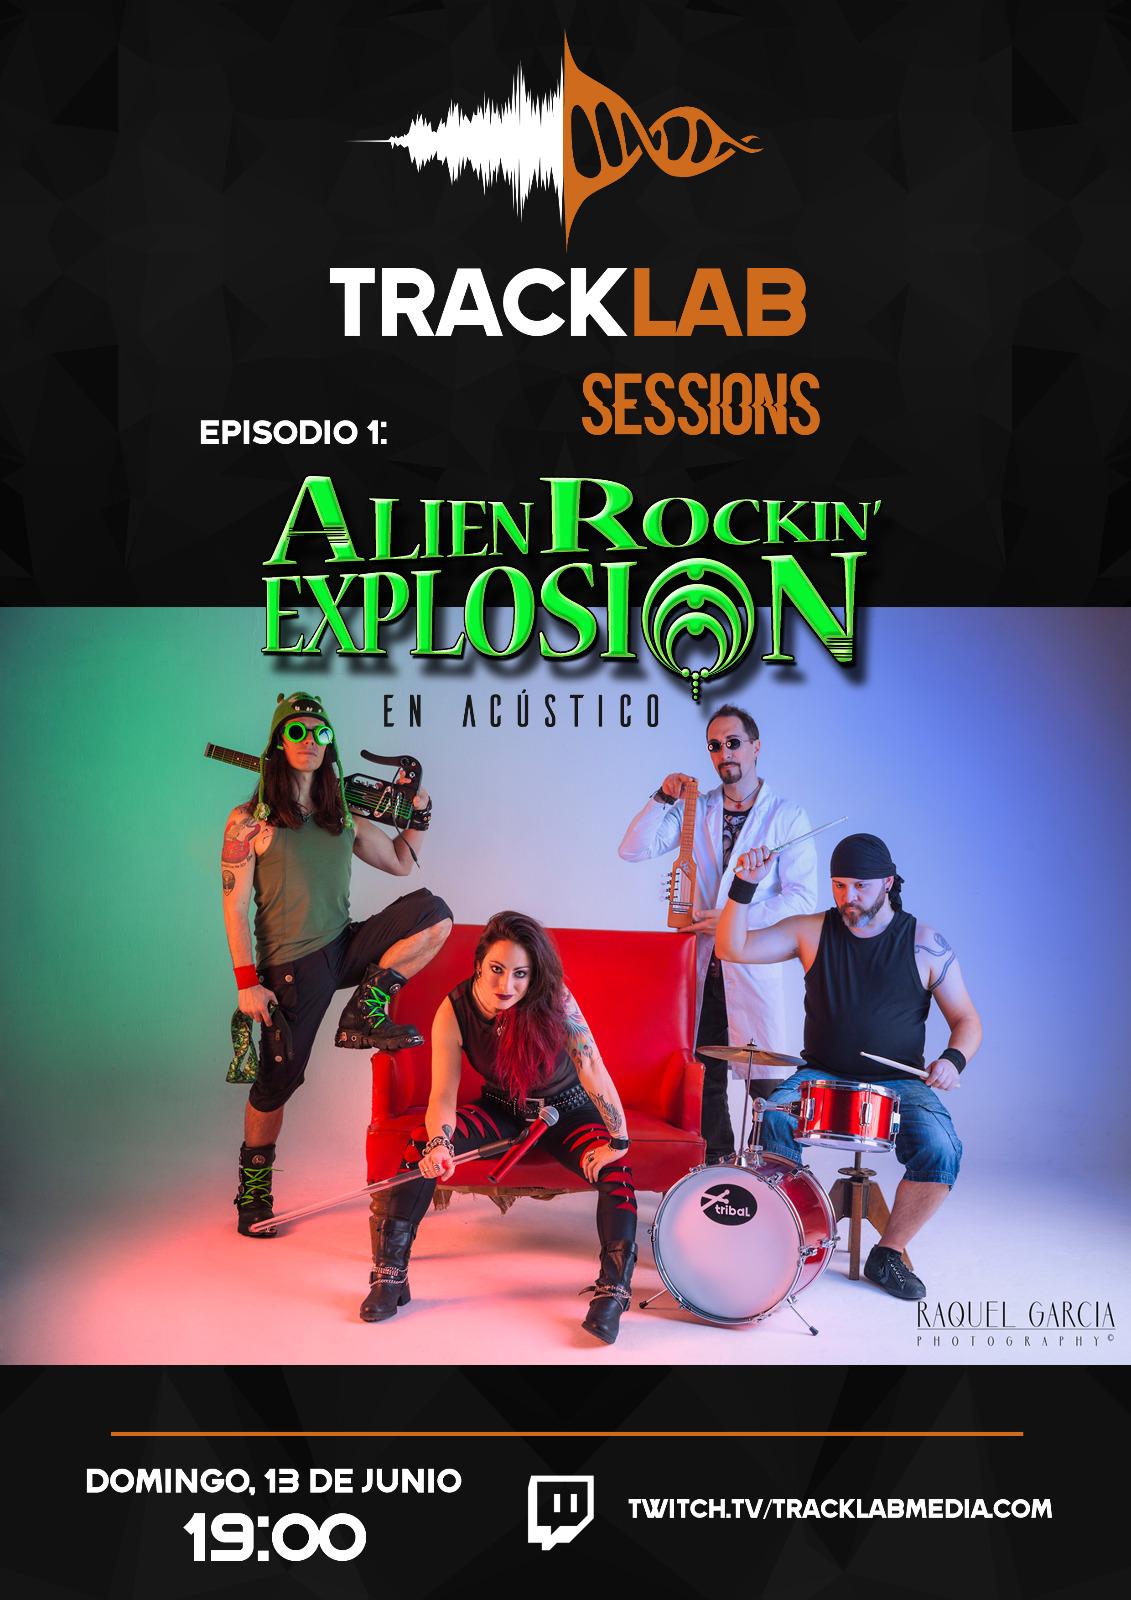 Alien Rockin' Explosion estarán en directo y lanzan nuevo videoclip